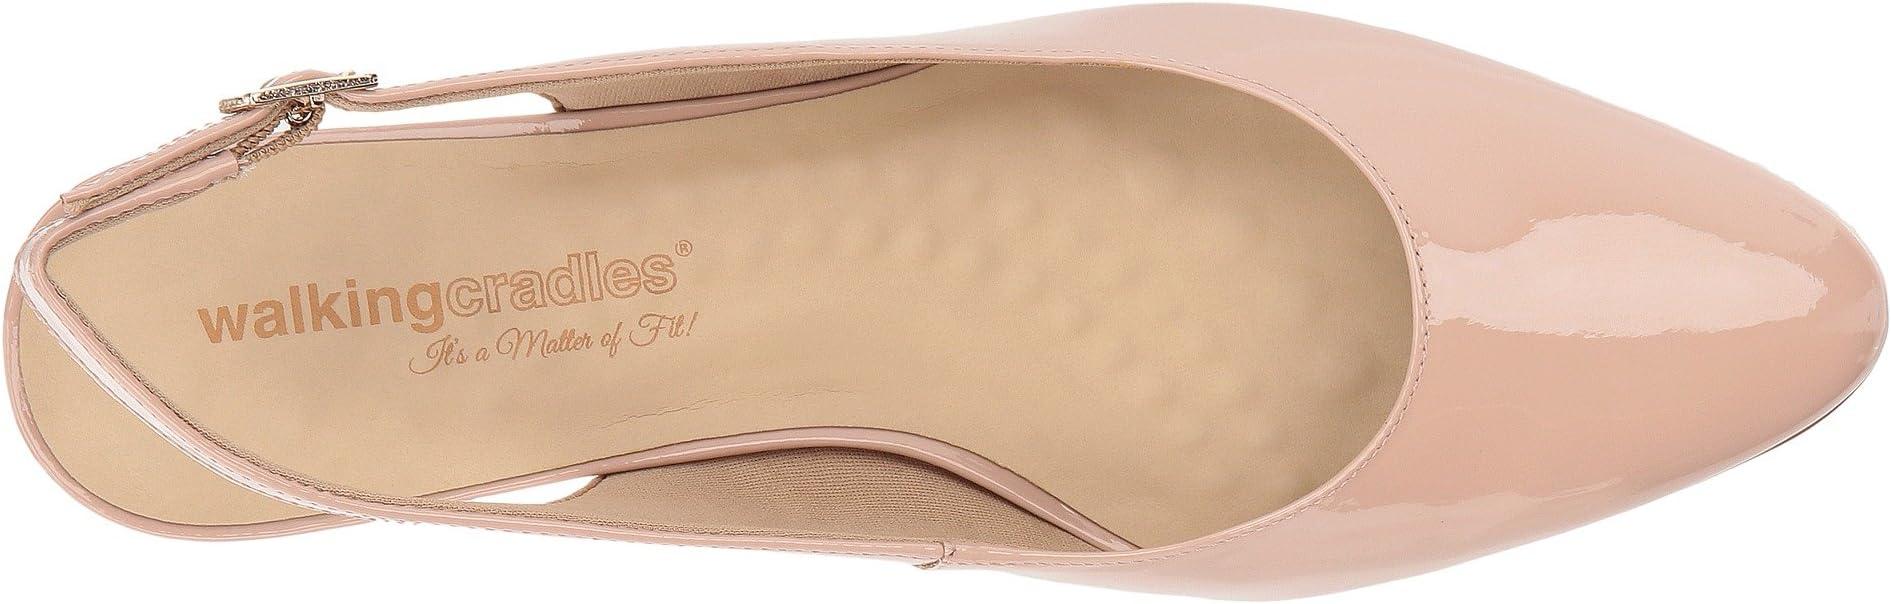 Walking Cradles Hazel   Women's shoes   2020 Newest